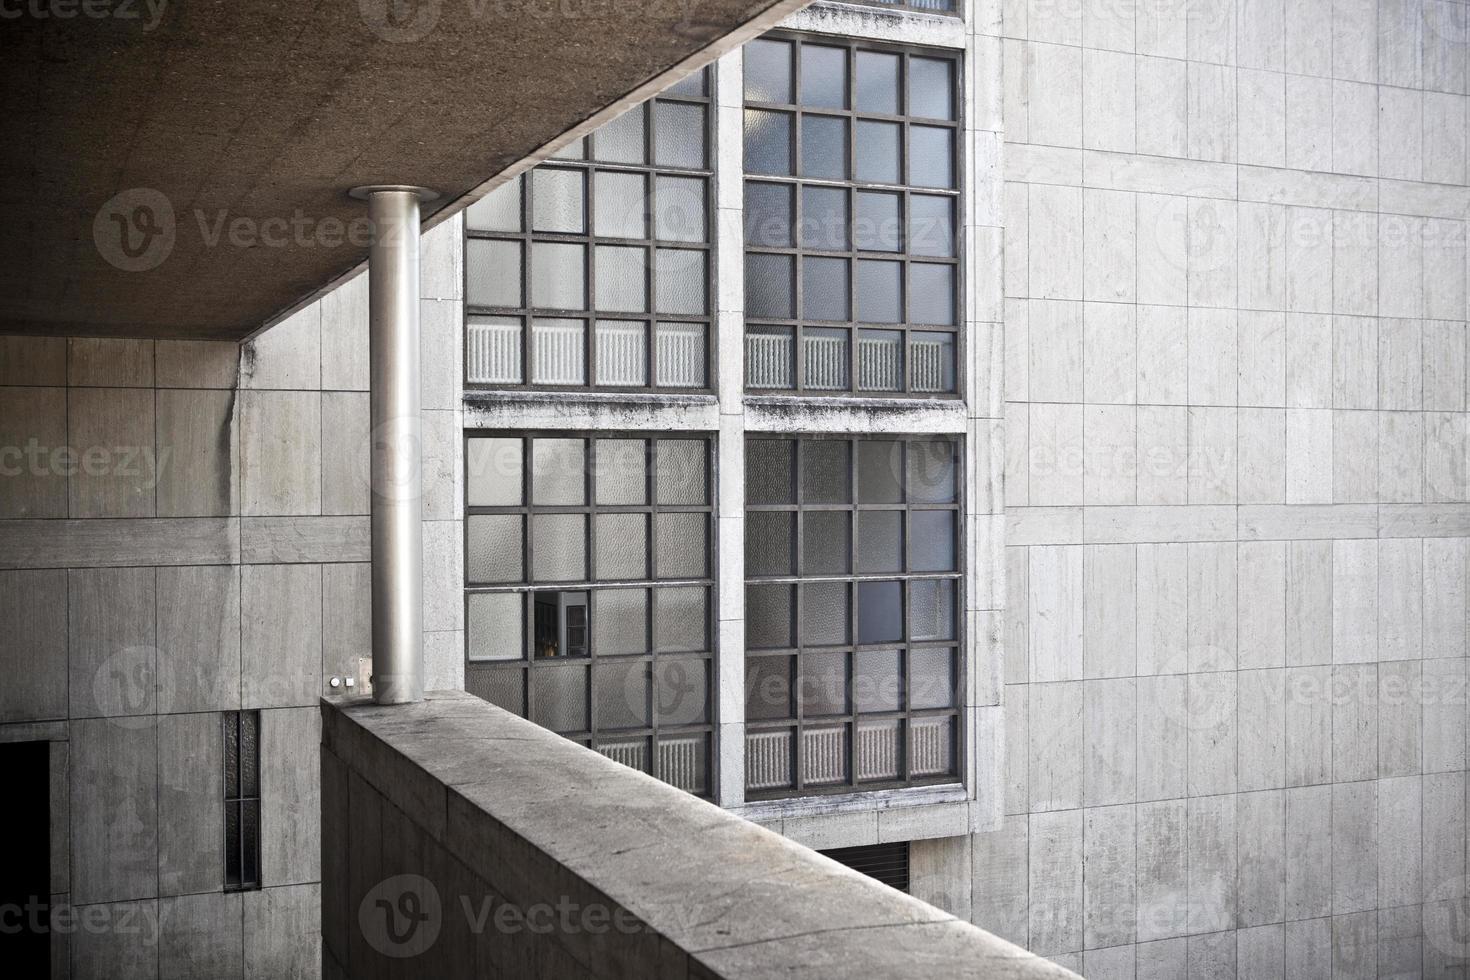 kantoorgebouw in Zürich, Zwitserland foto